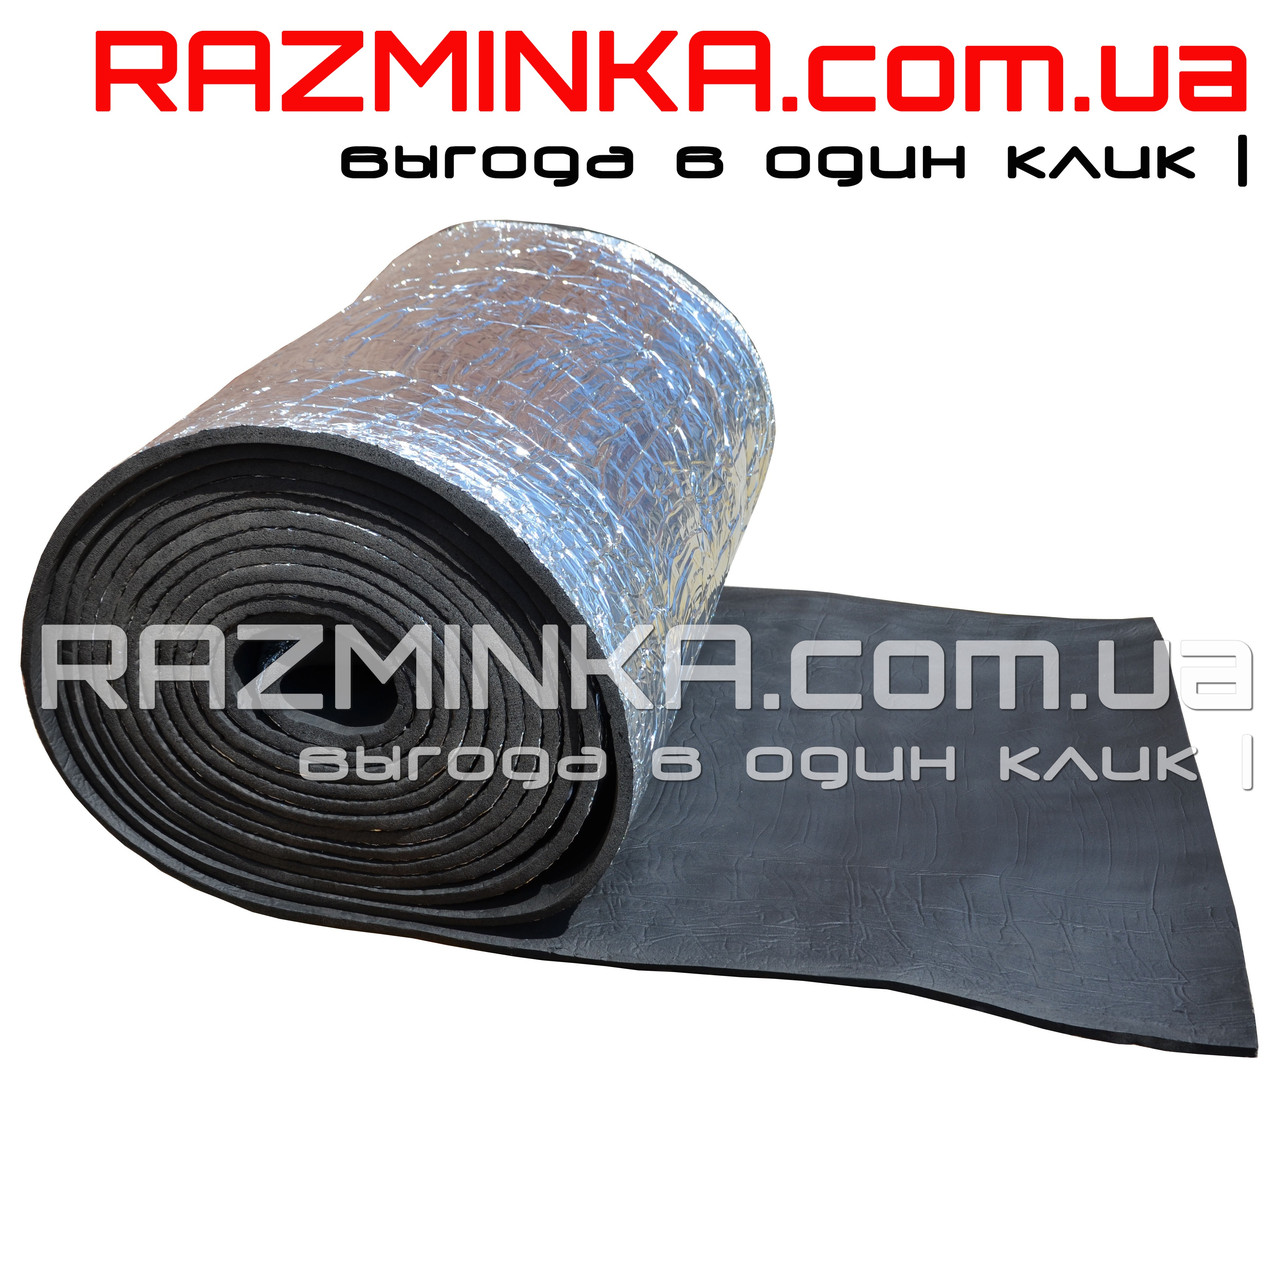 Фольгированный утеплитель 10мм (вспененный каучук)